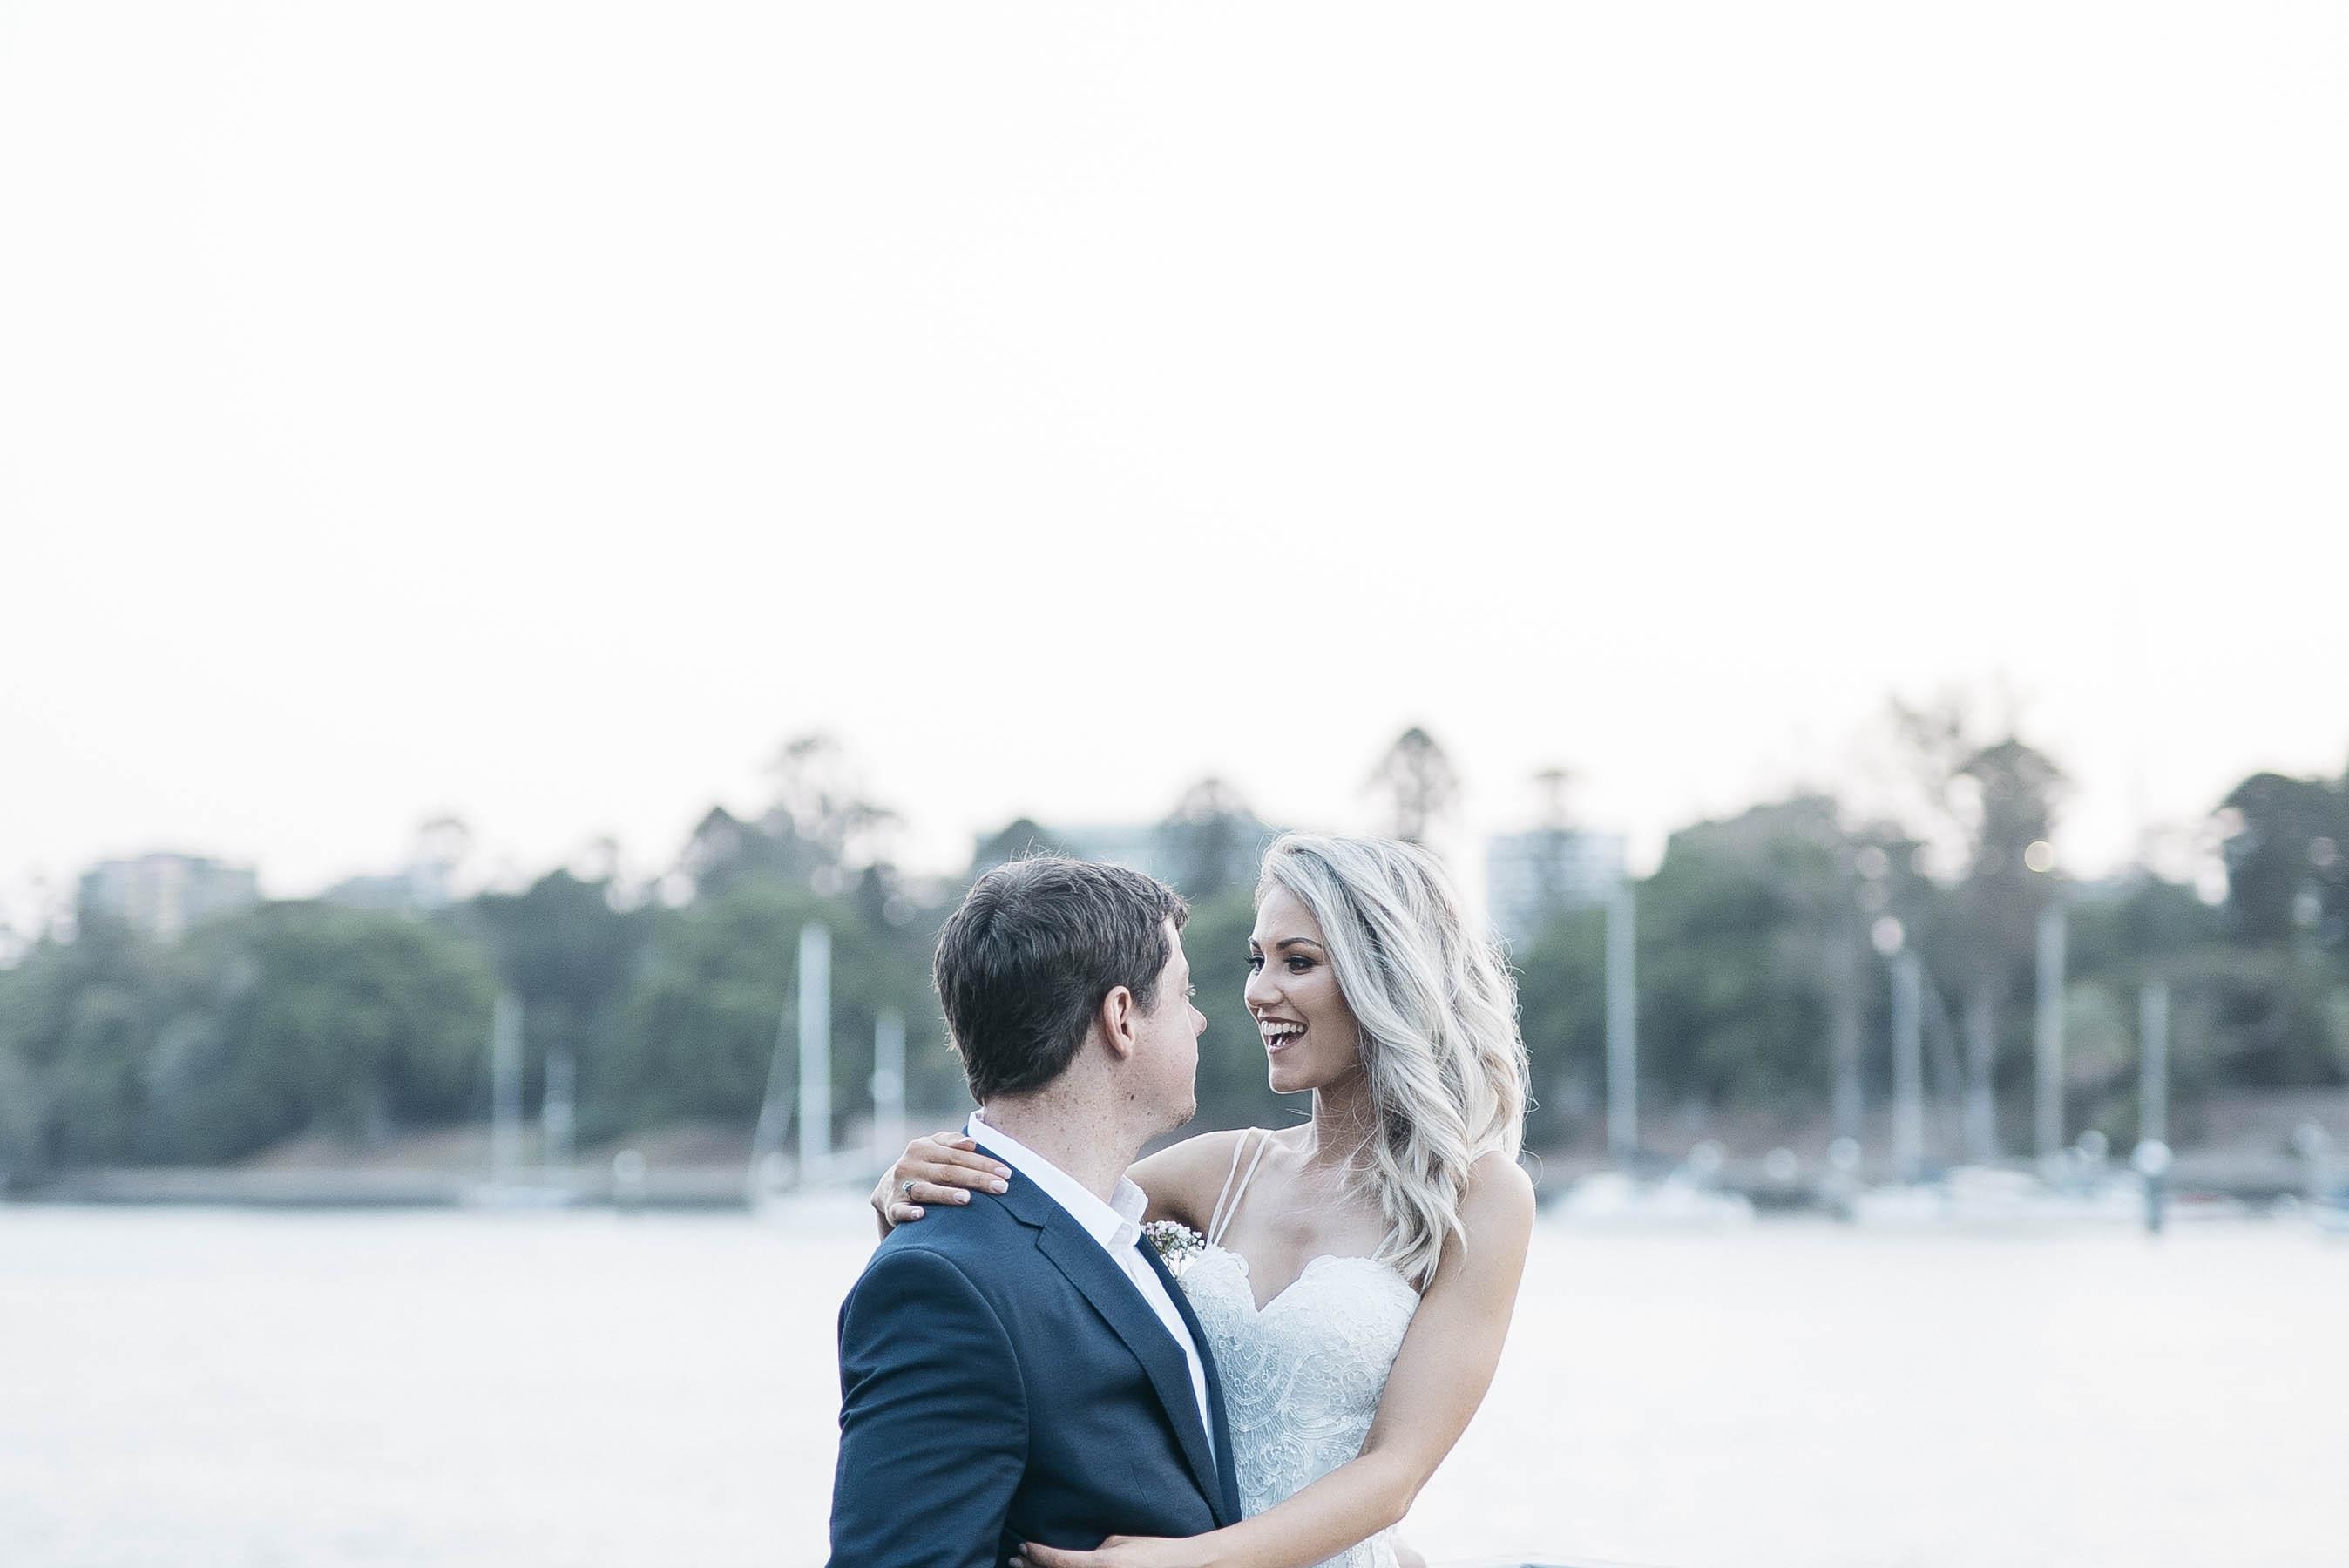 Gareth + Kayla | Brisbane Wedding Video | 23/09/2017 | Riverlife, Kangaroo Point, QLD